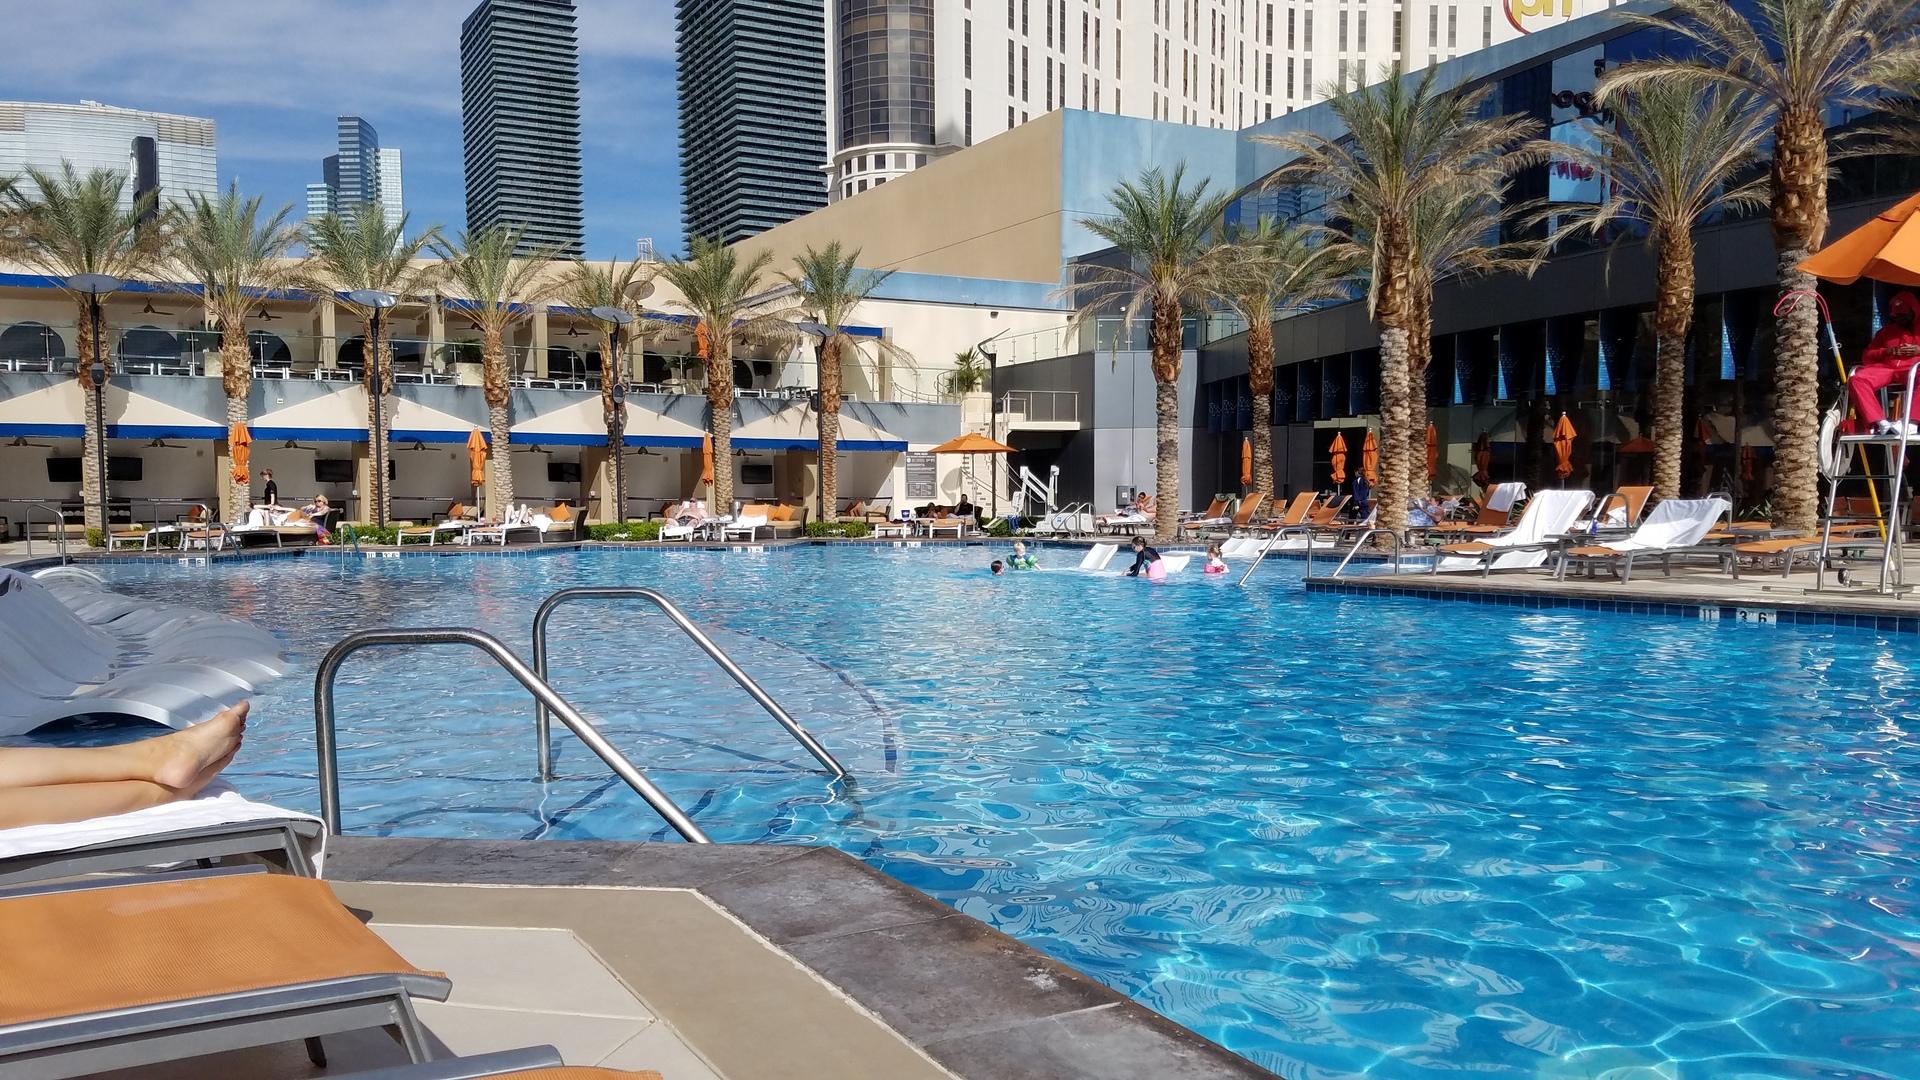 swimming pool at Hilton Elara Las Vegas